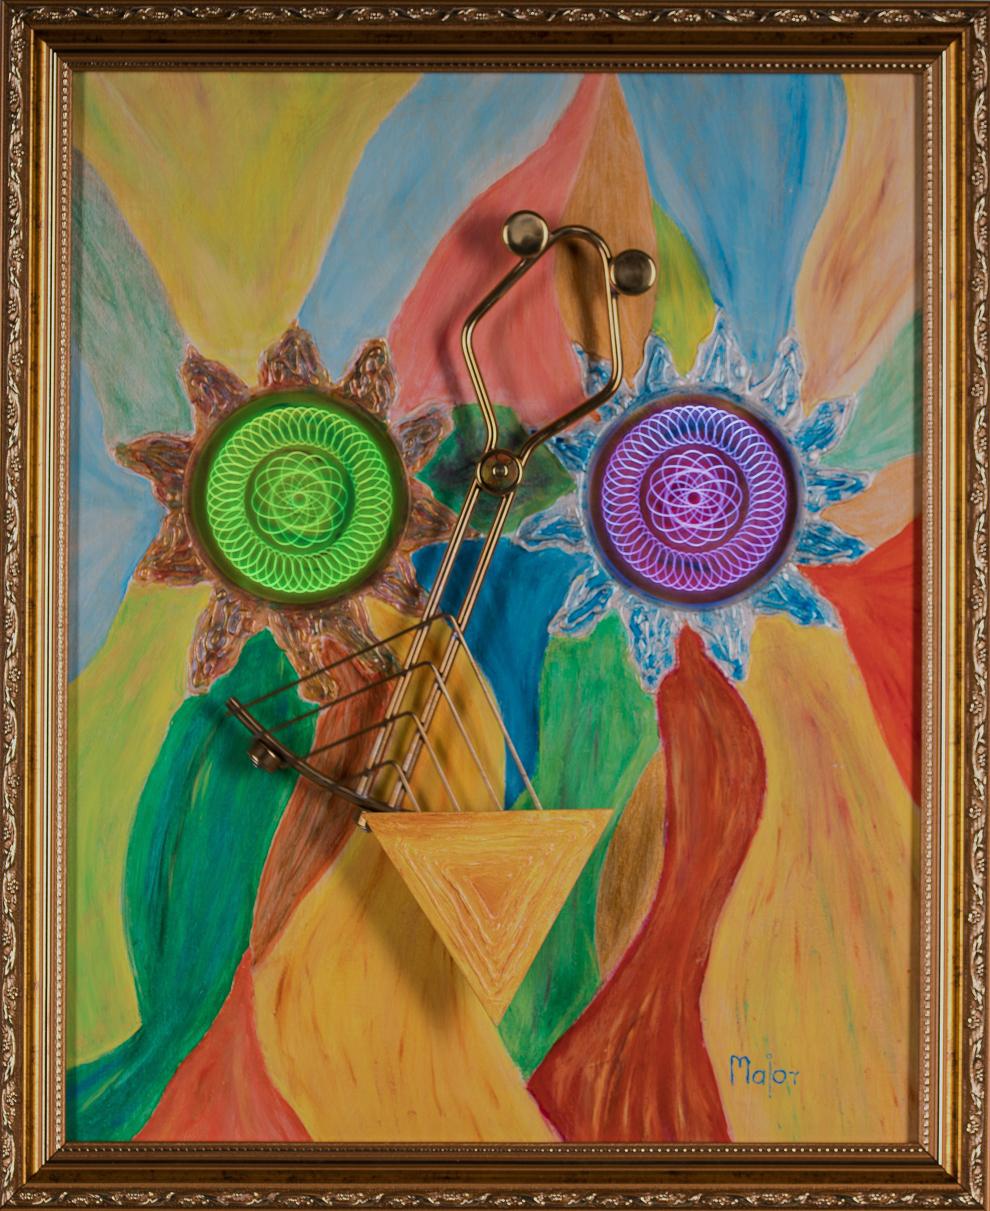 A gyermeki játékosság, a tavasz beteljesedése jellemzi ezt a képet. A festmény különlegessége, hogy egyszerre fénylő és kinetikus is. A változatos színvilág barátságossá, és szeretettel telivé varázsolja az alkotást. A színek játékát a selyemfényű lakkozás teszi teljessé. Ezzel a festménnyel, inspiráló tavasz hangulatú környezetet idézhet otthonába.